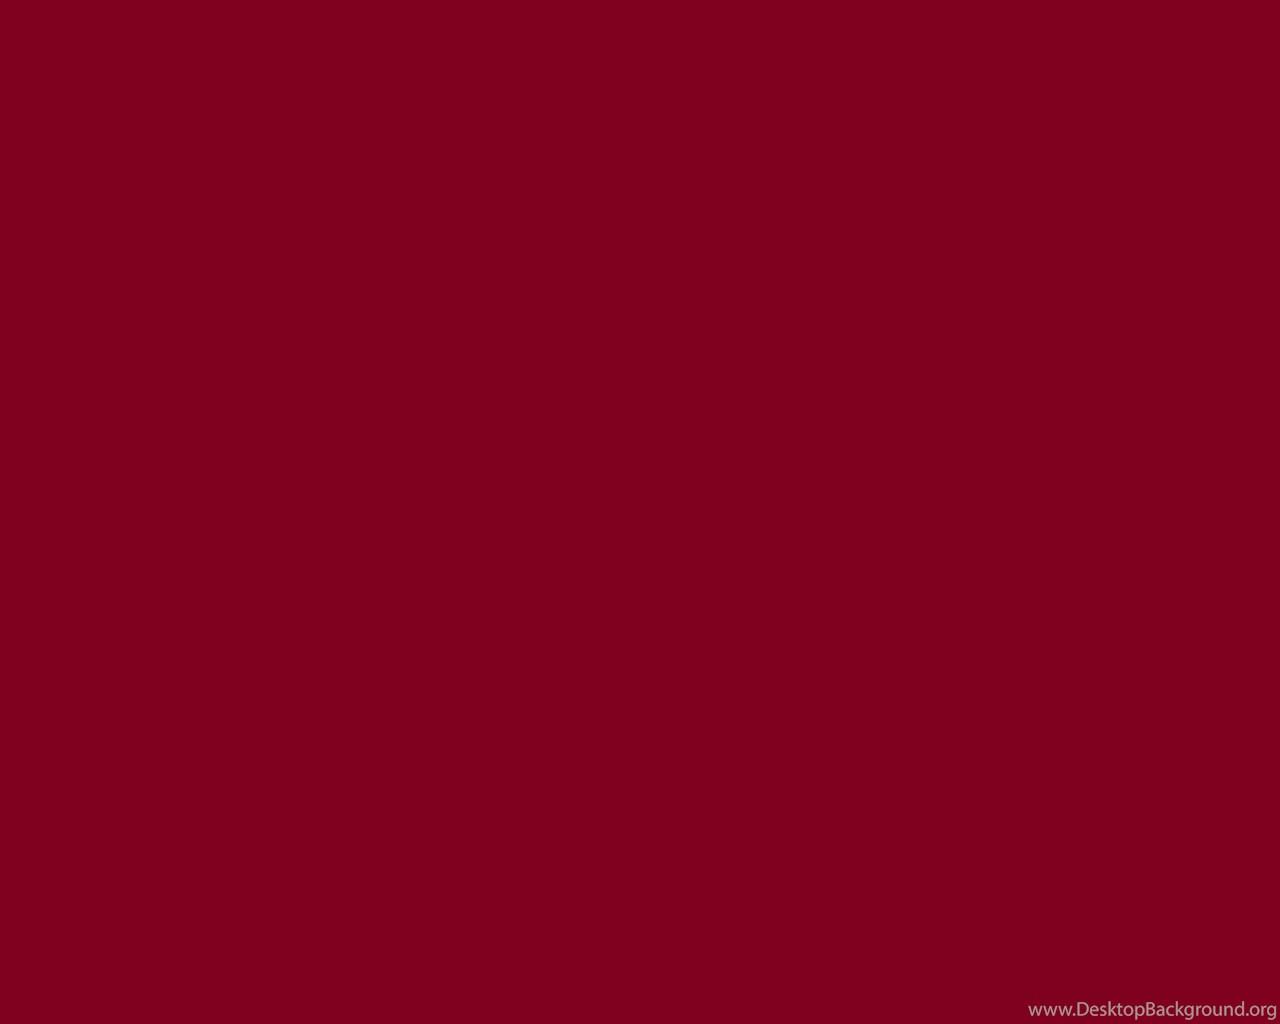 2880x1800 Burgundy Solid Color Backgrounds Desktop Background